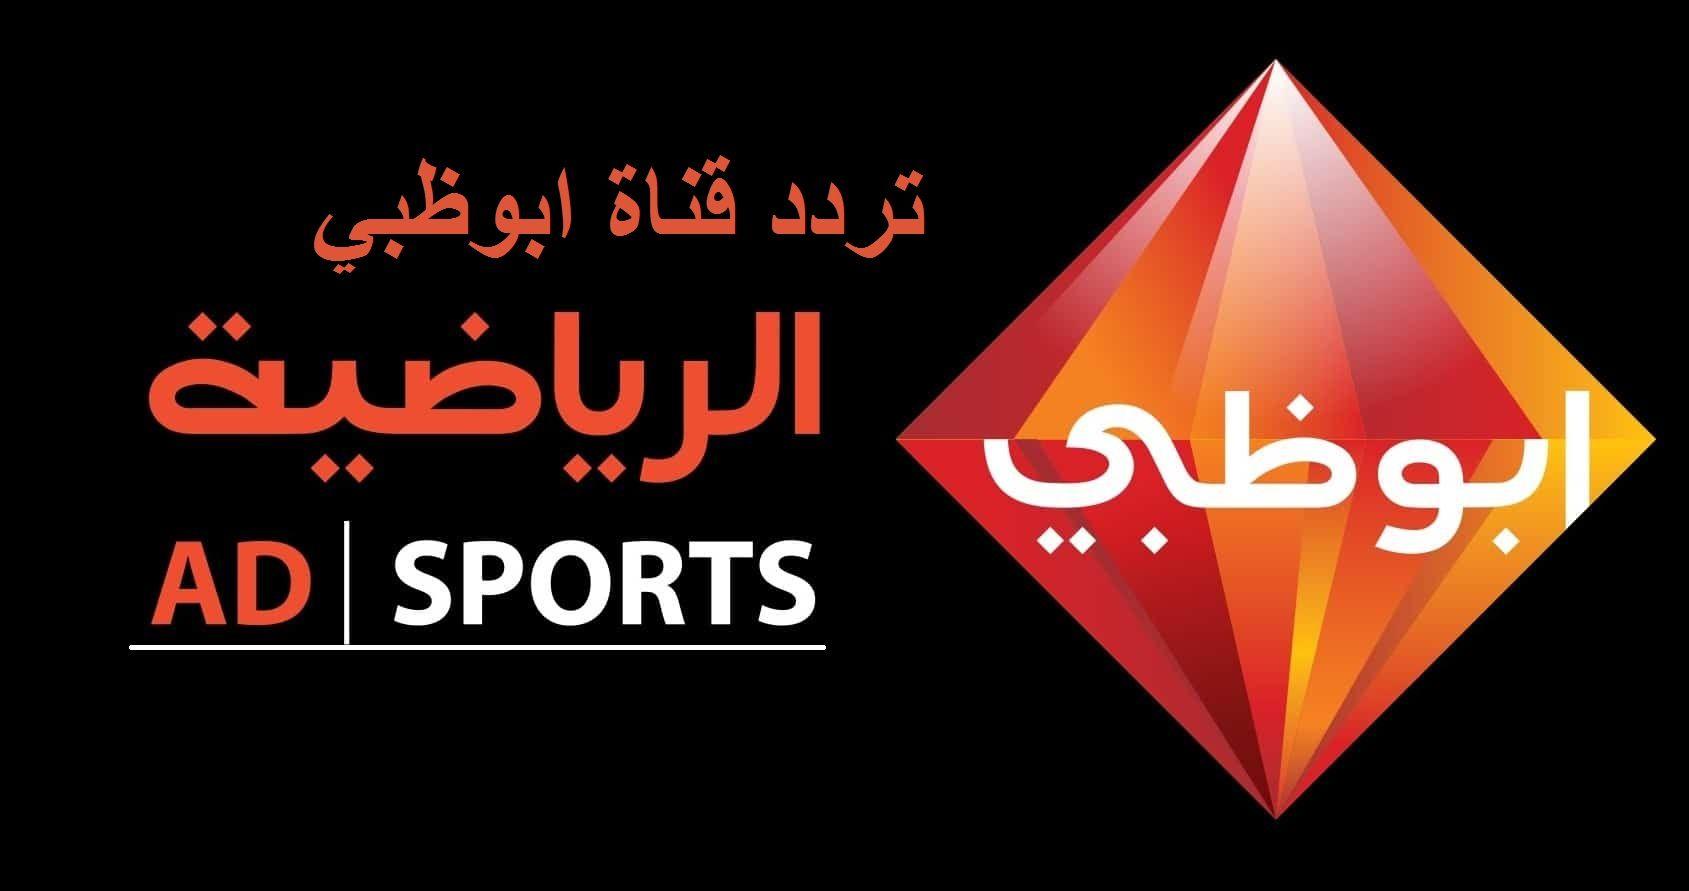 تردد قناة أبو ظبي الرياضية المجانية الناقلة لمباراة مصر واليونان على النايل سات Ad Sports Sports Ads